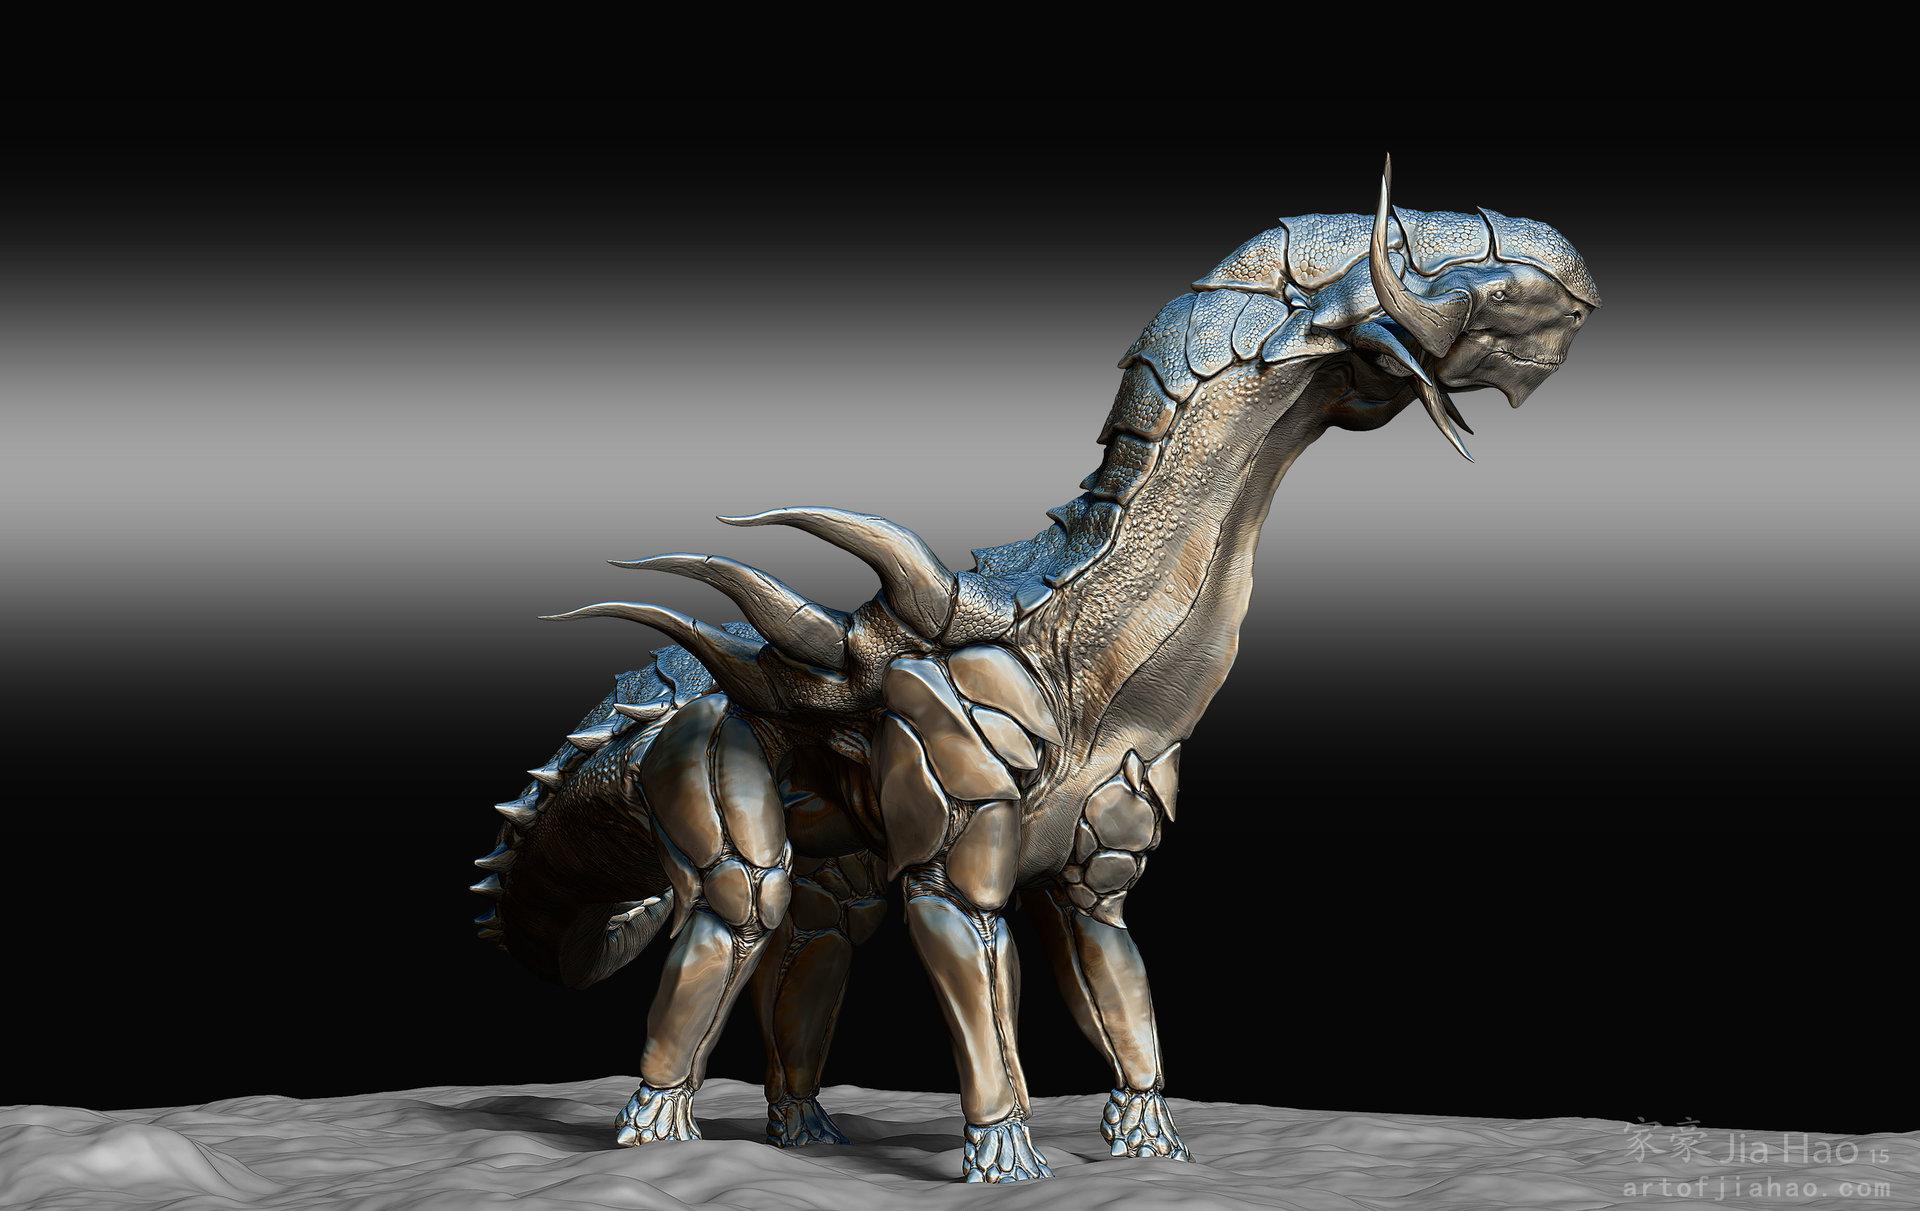 Jia hao 2015 08 dino designpresentations sculpt 05